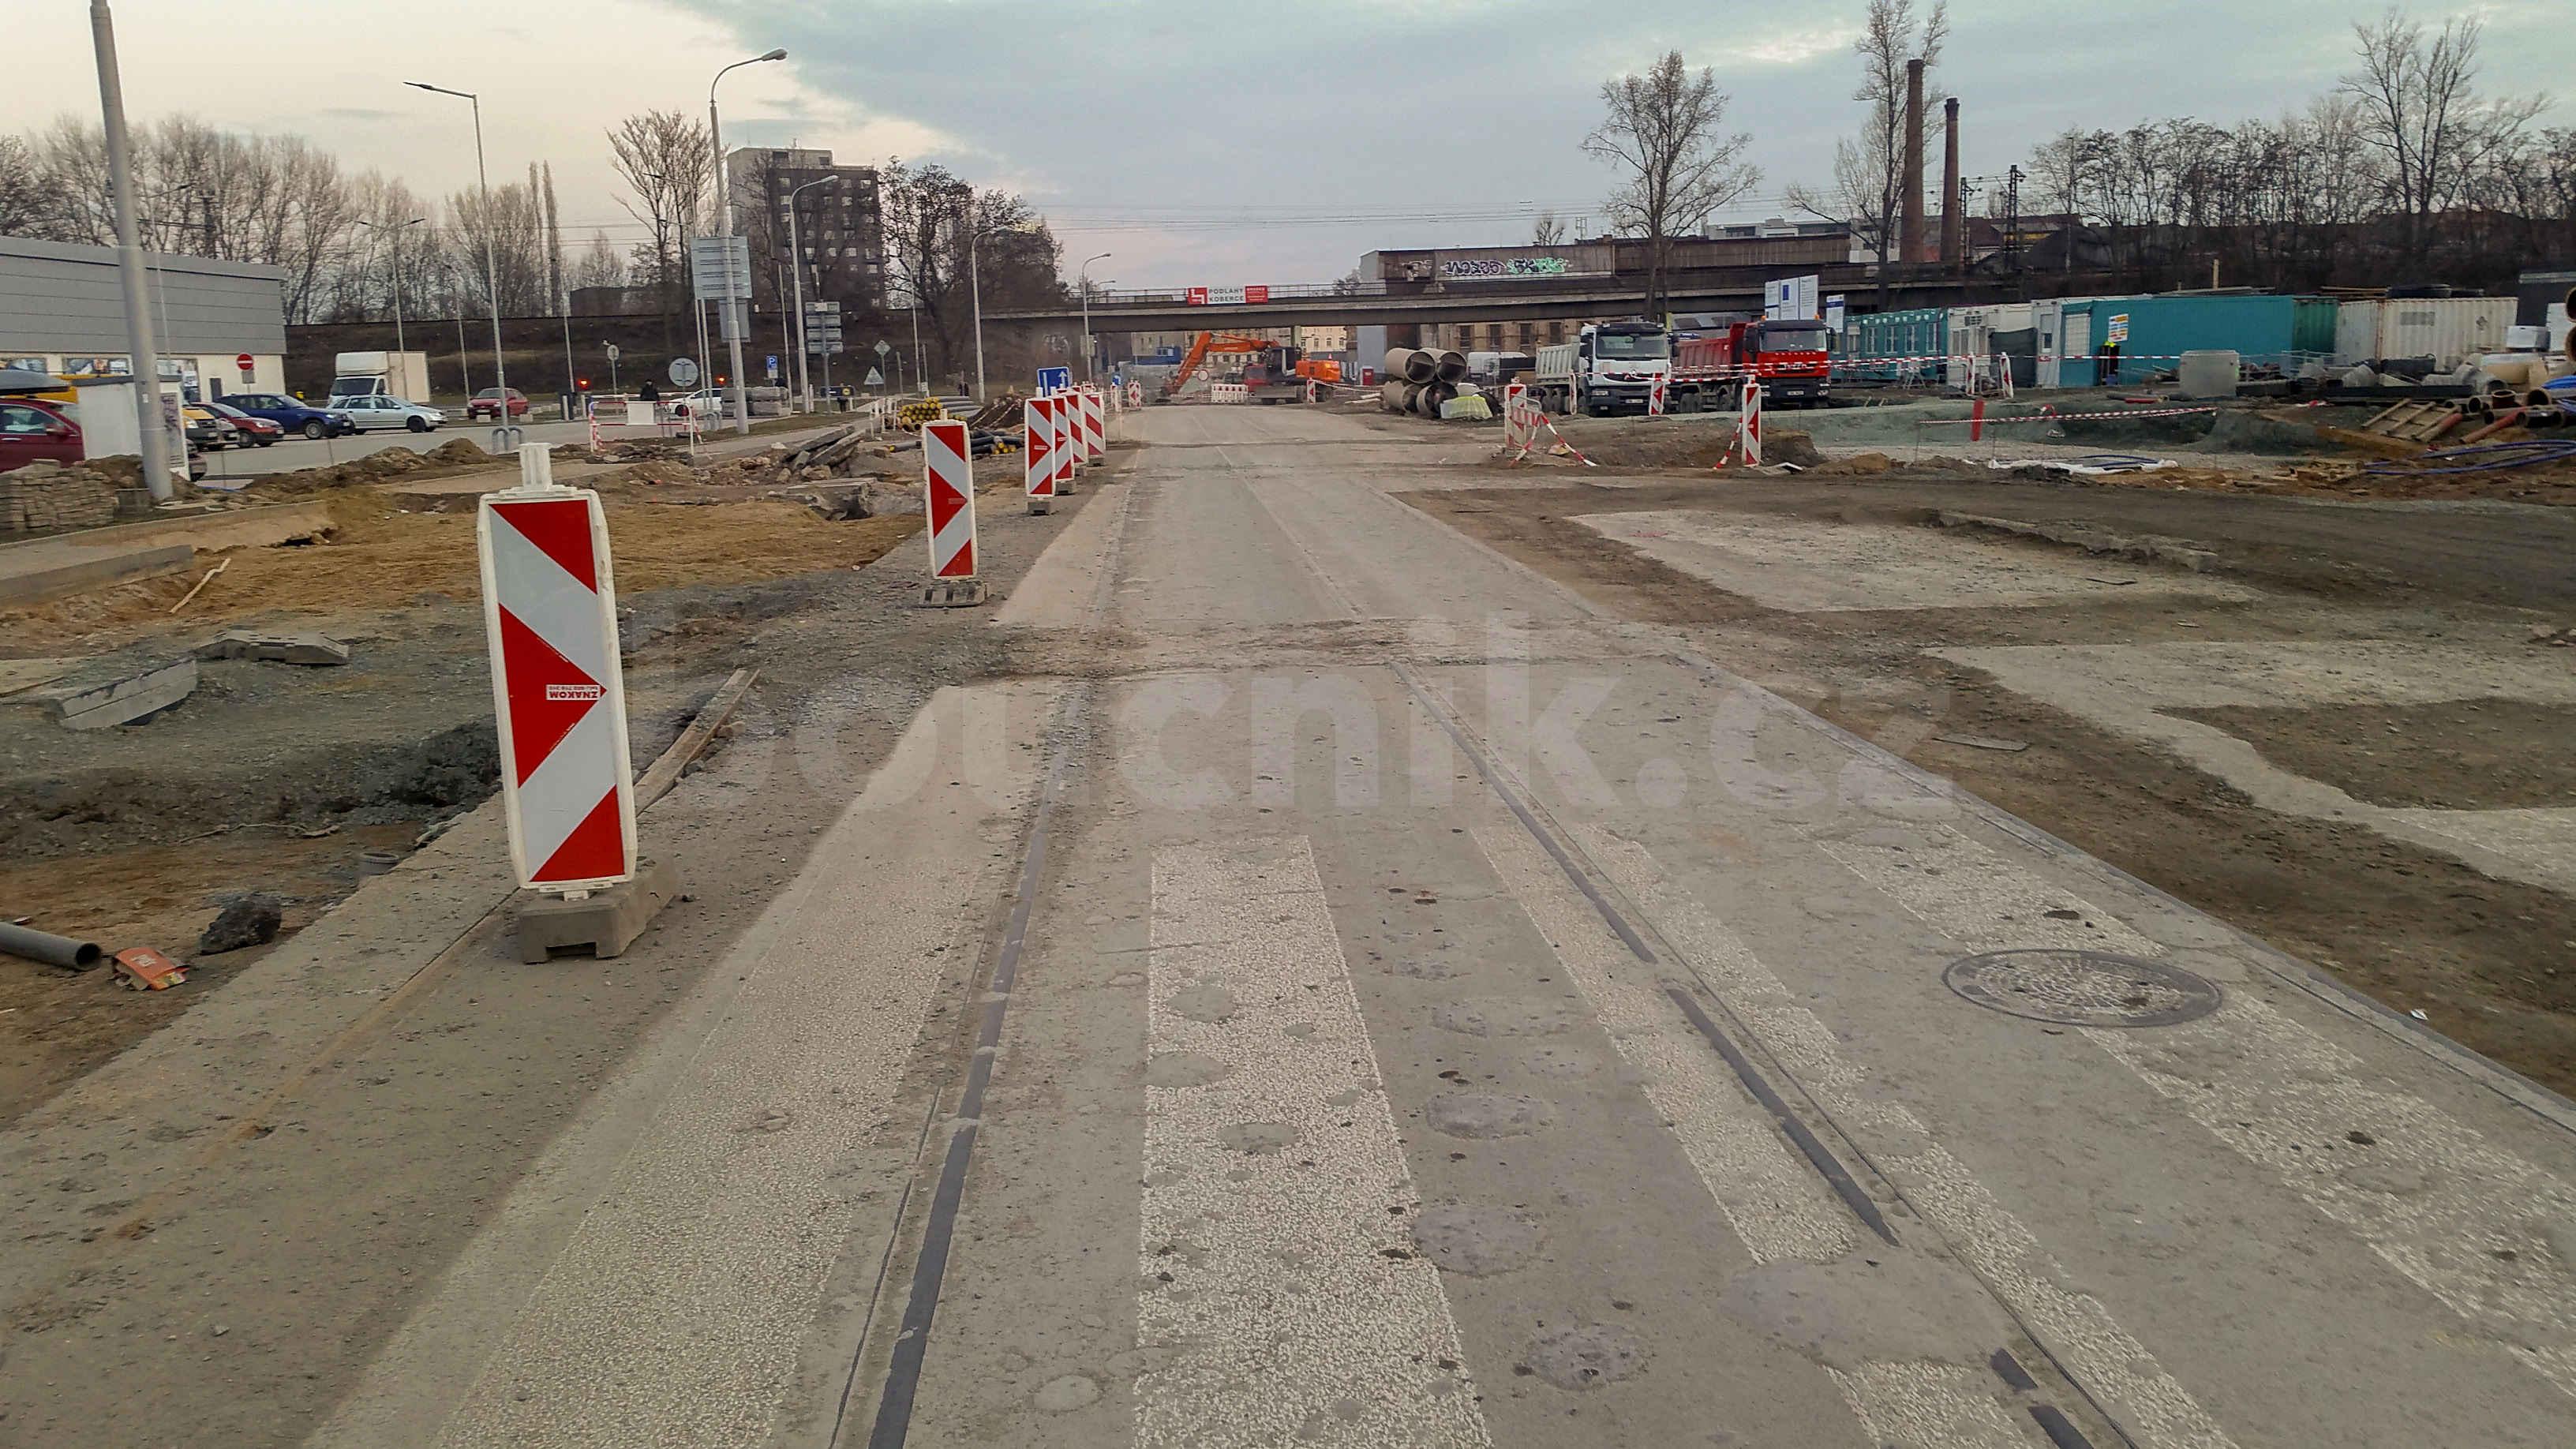 Zbytky tramvajového kolejiště na ulici Dornych, únor 2019